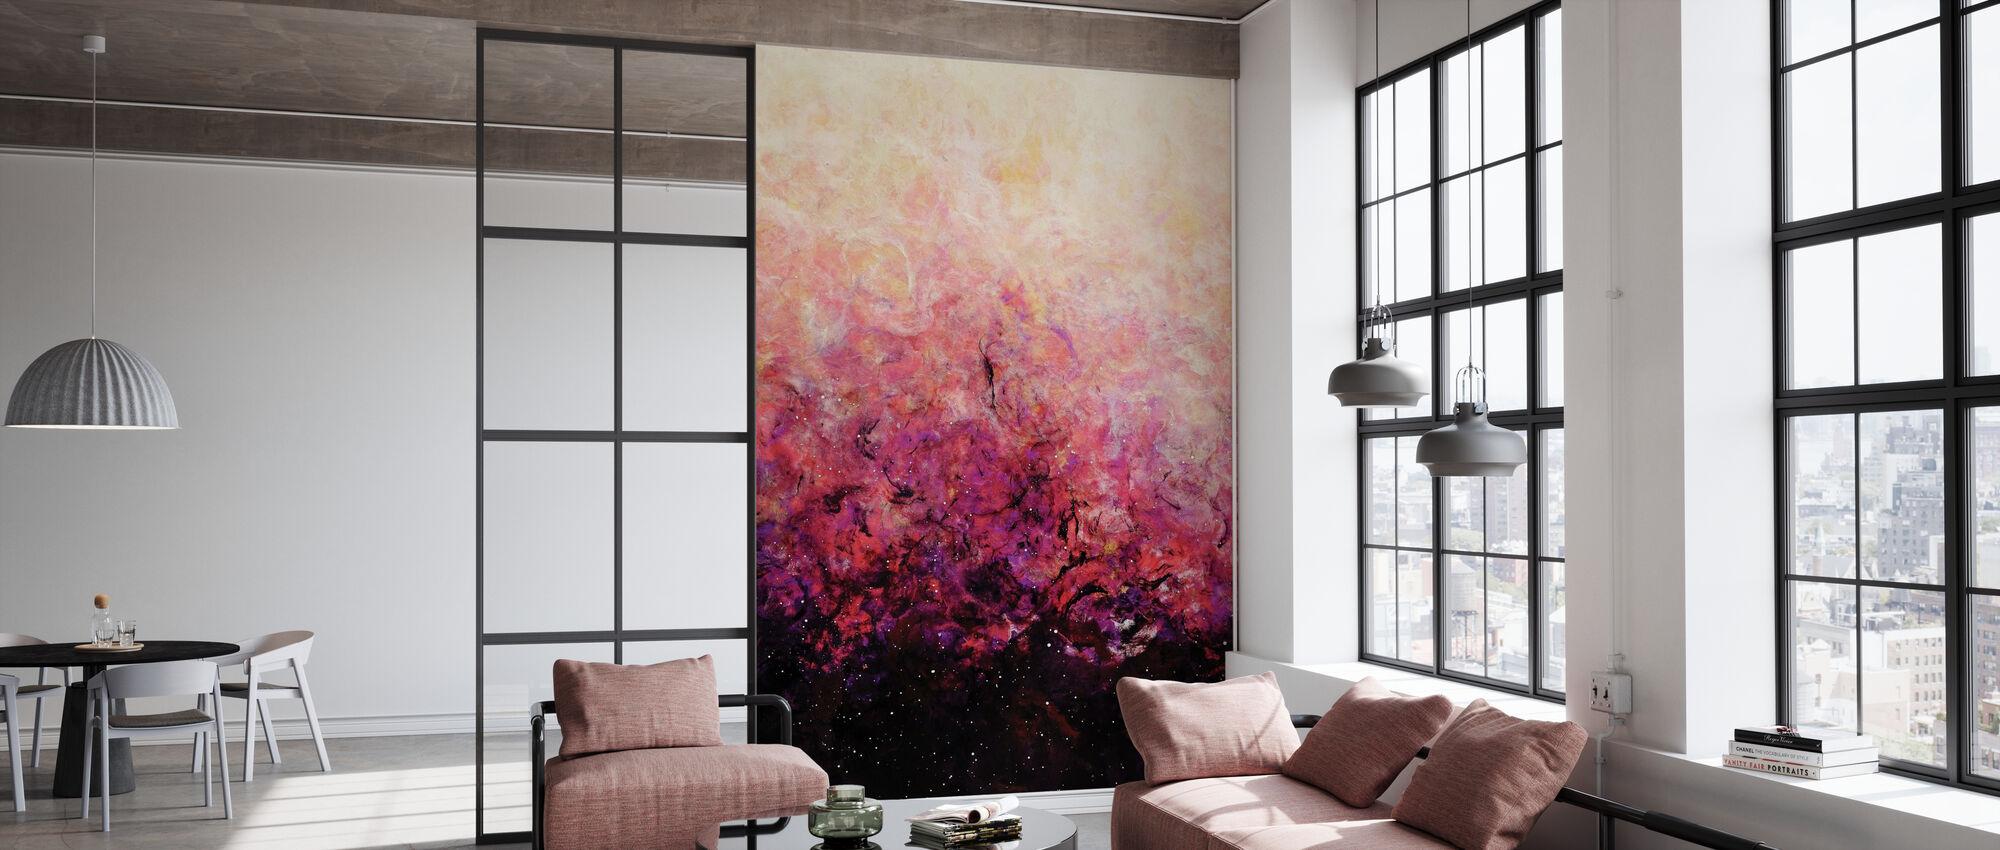 Helia - Wallpaper - Office